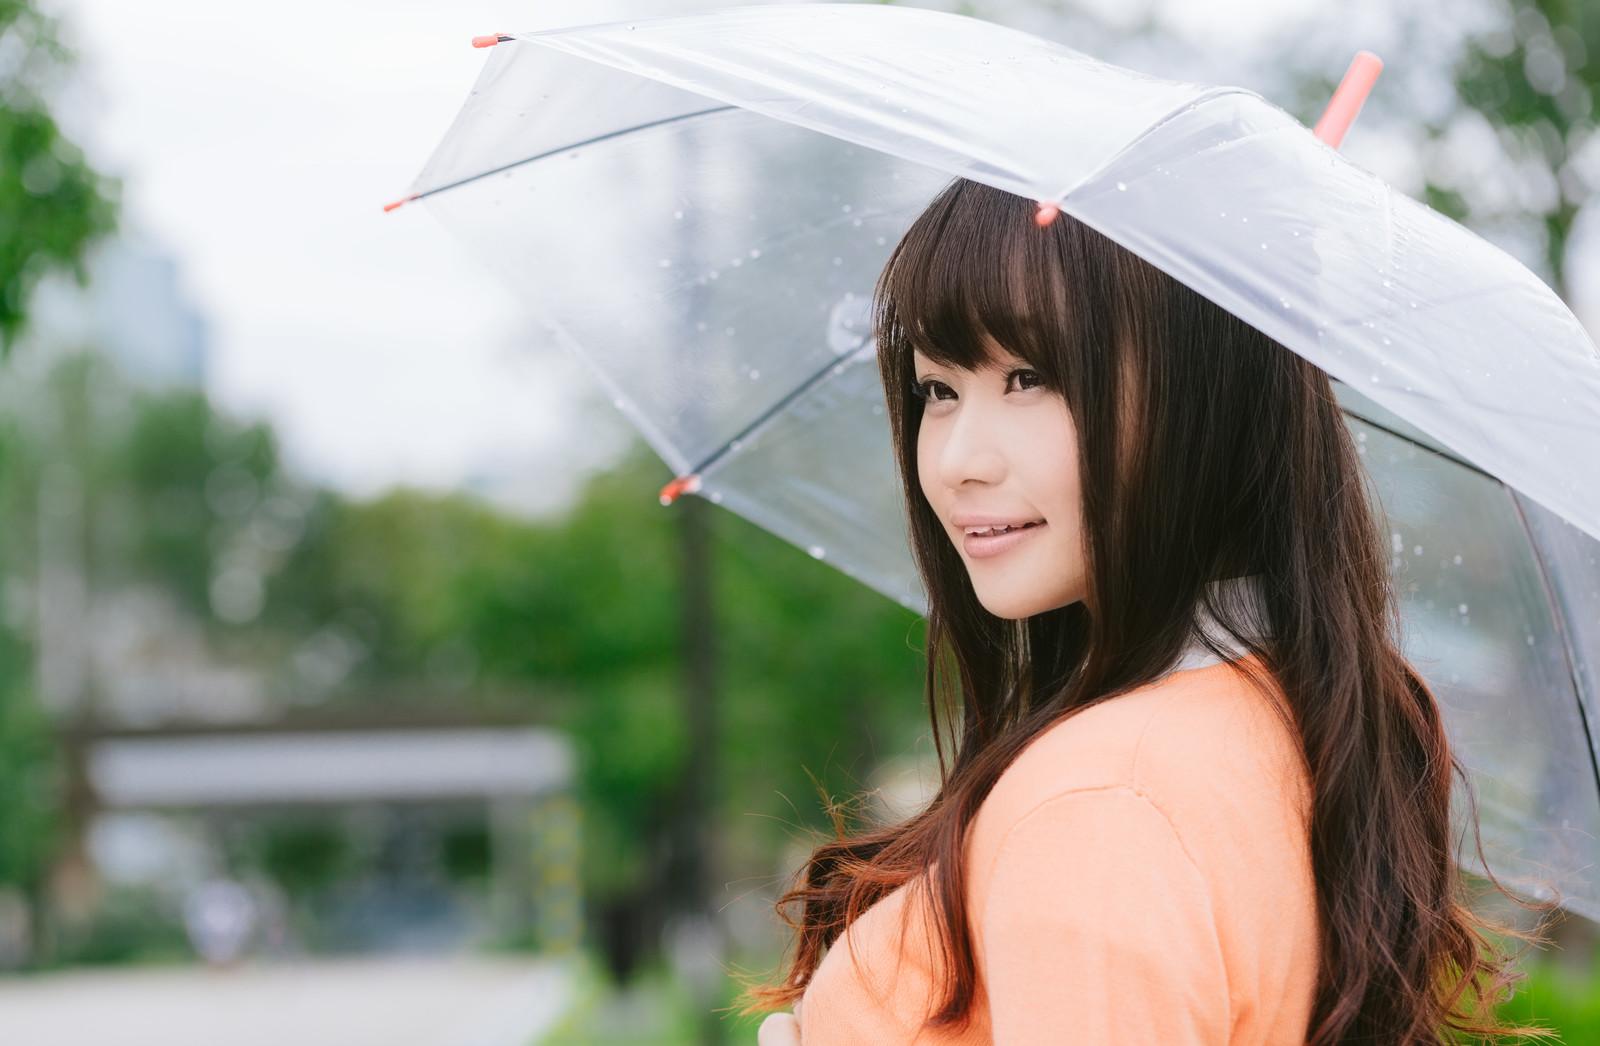 天候なんて関係ない!?東京の雨の日デートが充実している場所とは?